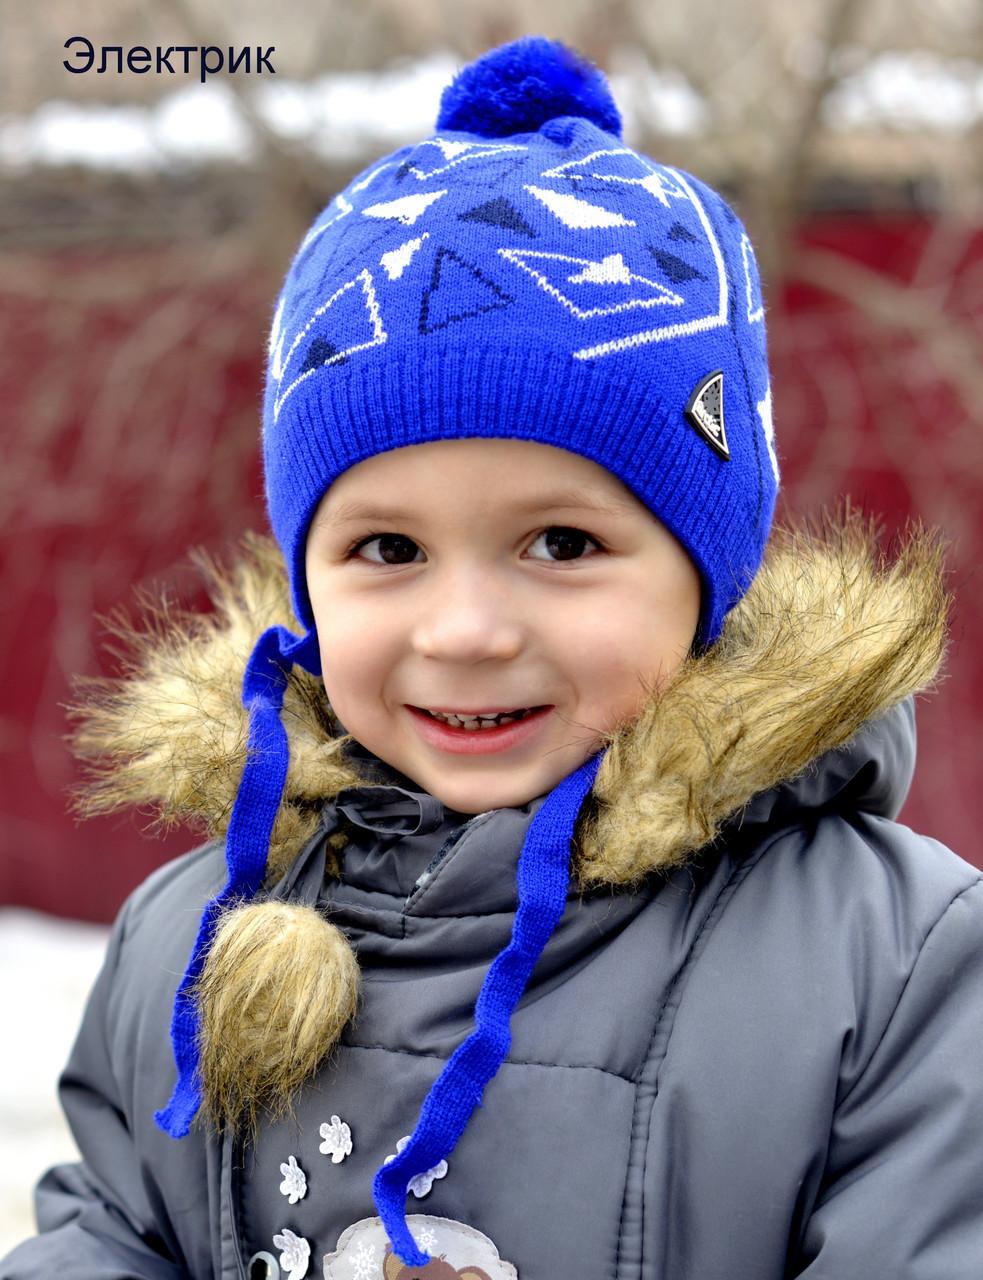 060 Детская шапка Треугольник.Двойная вязка.р.48-52 (2-4 года). Внутри х/б. Т.серый, джинс, электрик, металлик